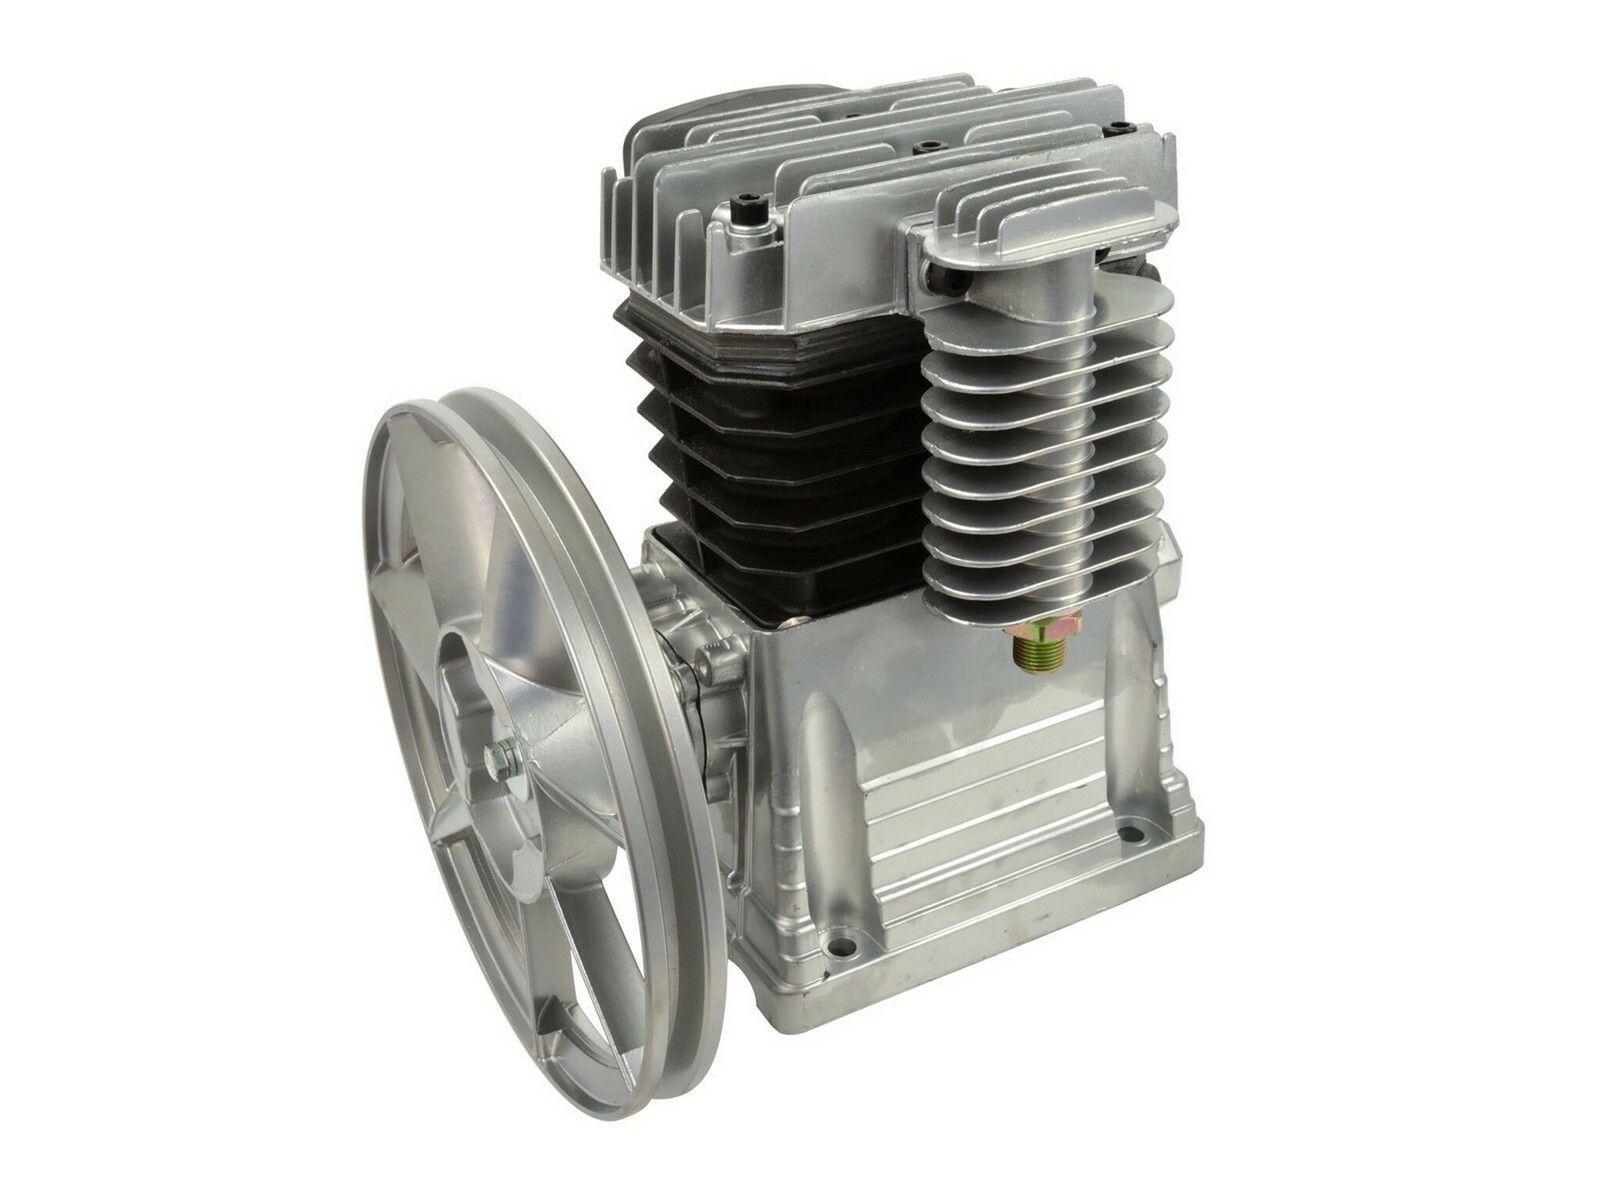 Kompresor do vzduchového kompresoru typ Z, 3HP - náhradní díl GEKO